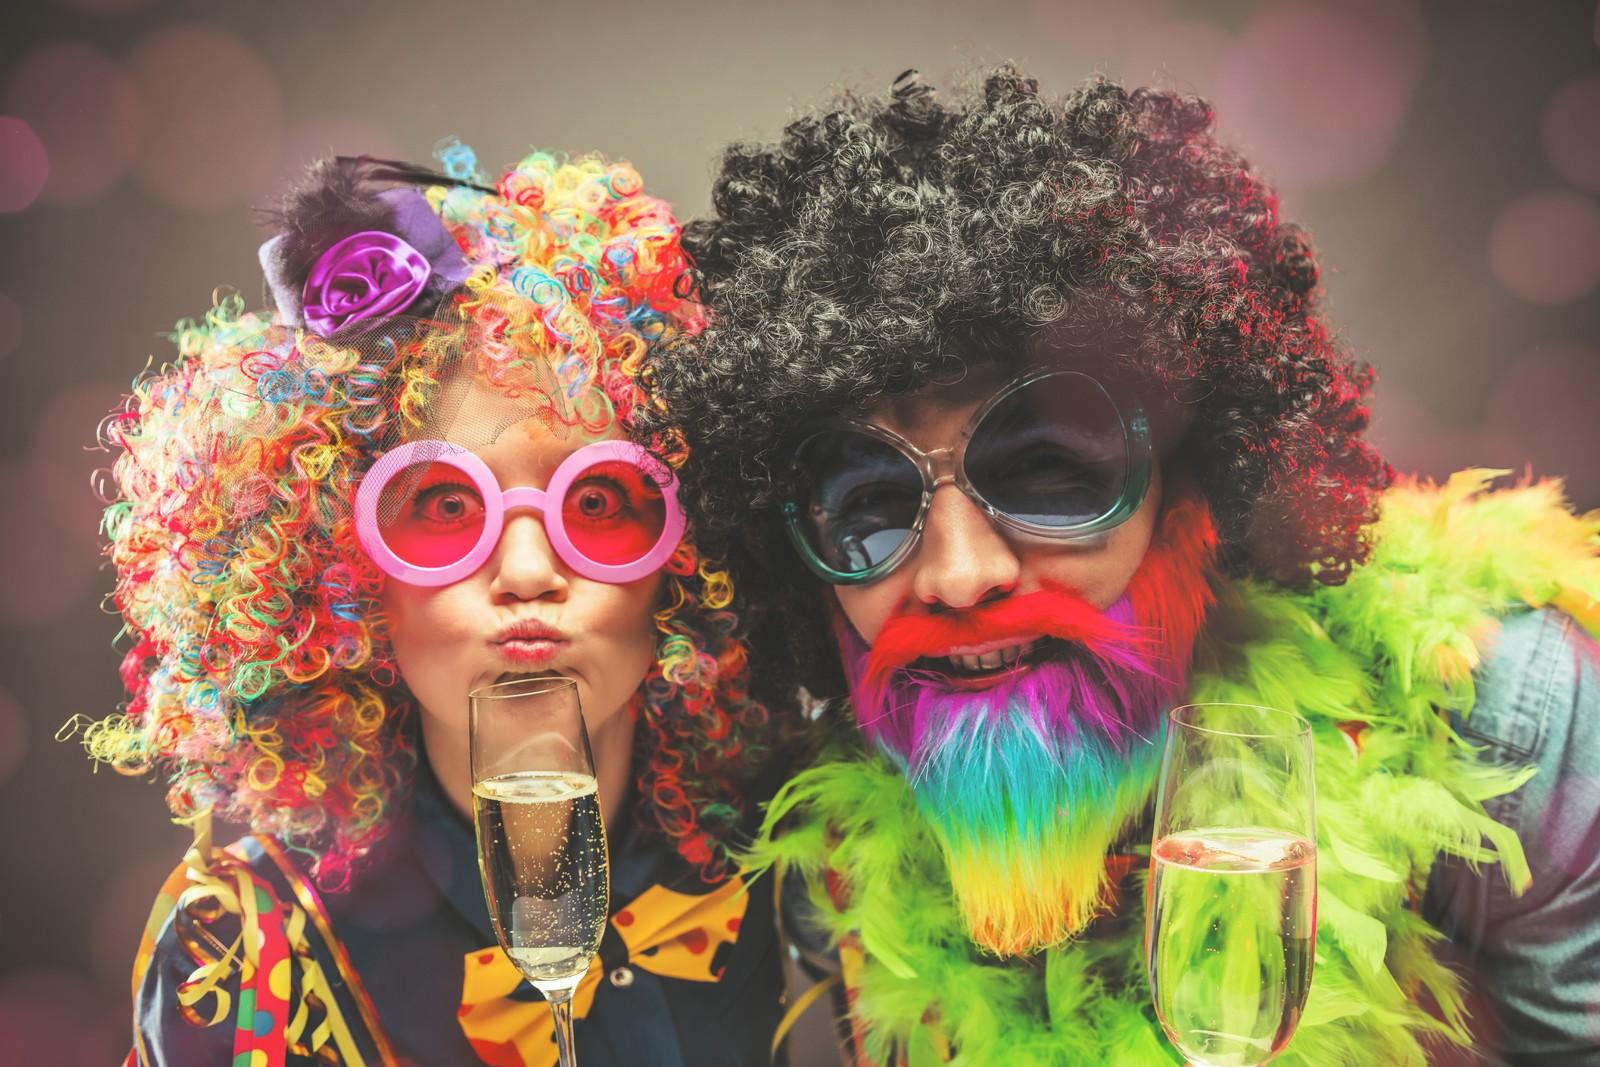 Jak się ubrać na karnawał w 2019? 3 propozycje stylówek na imprezę karnawałową